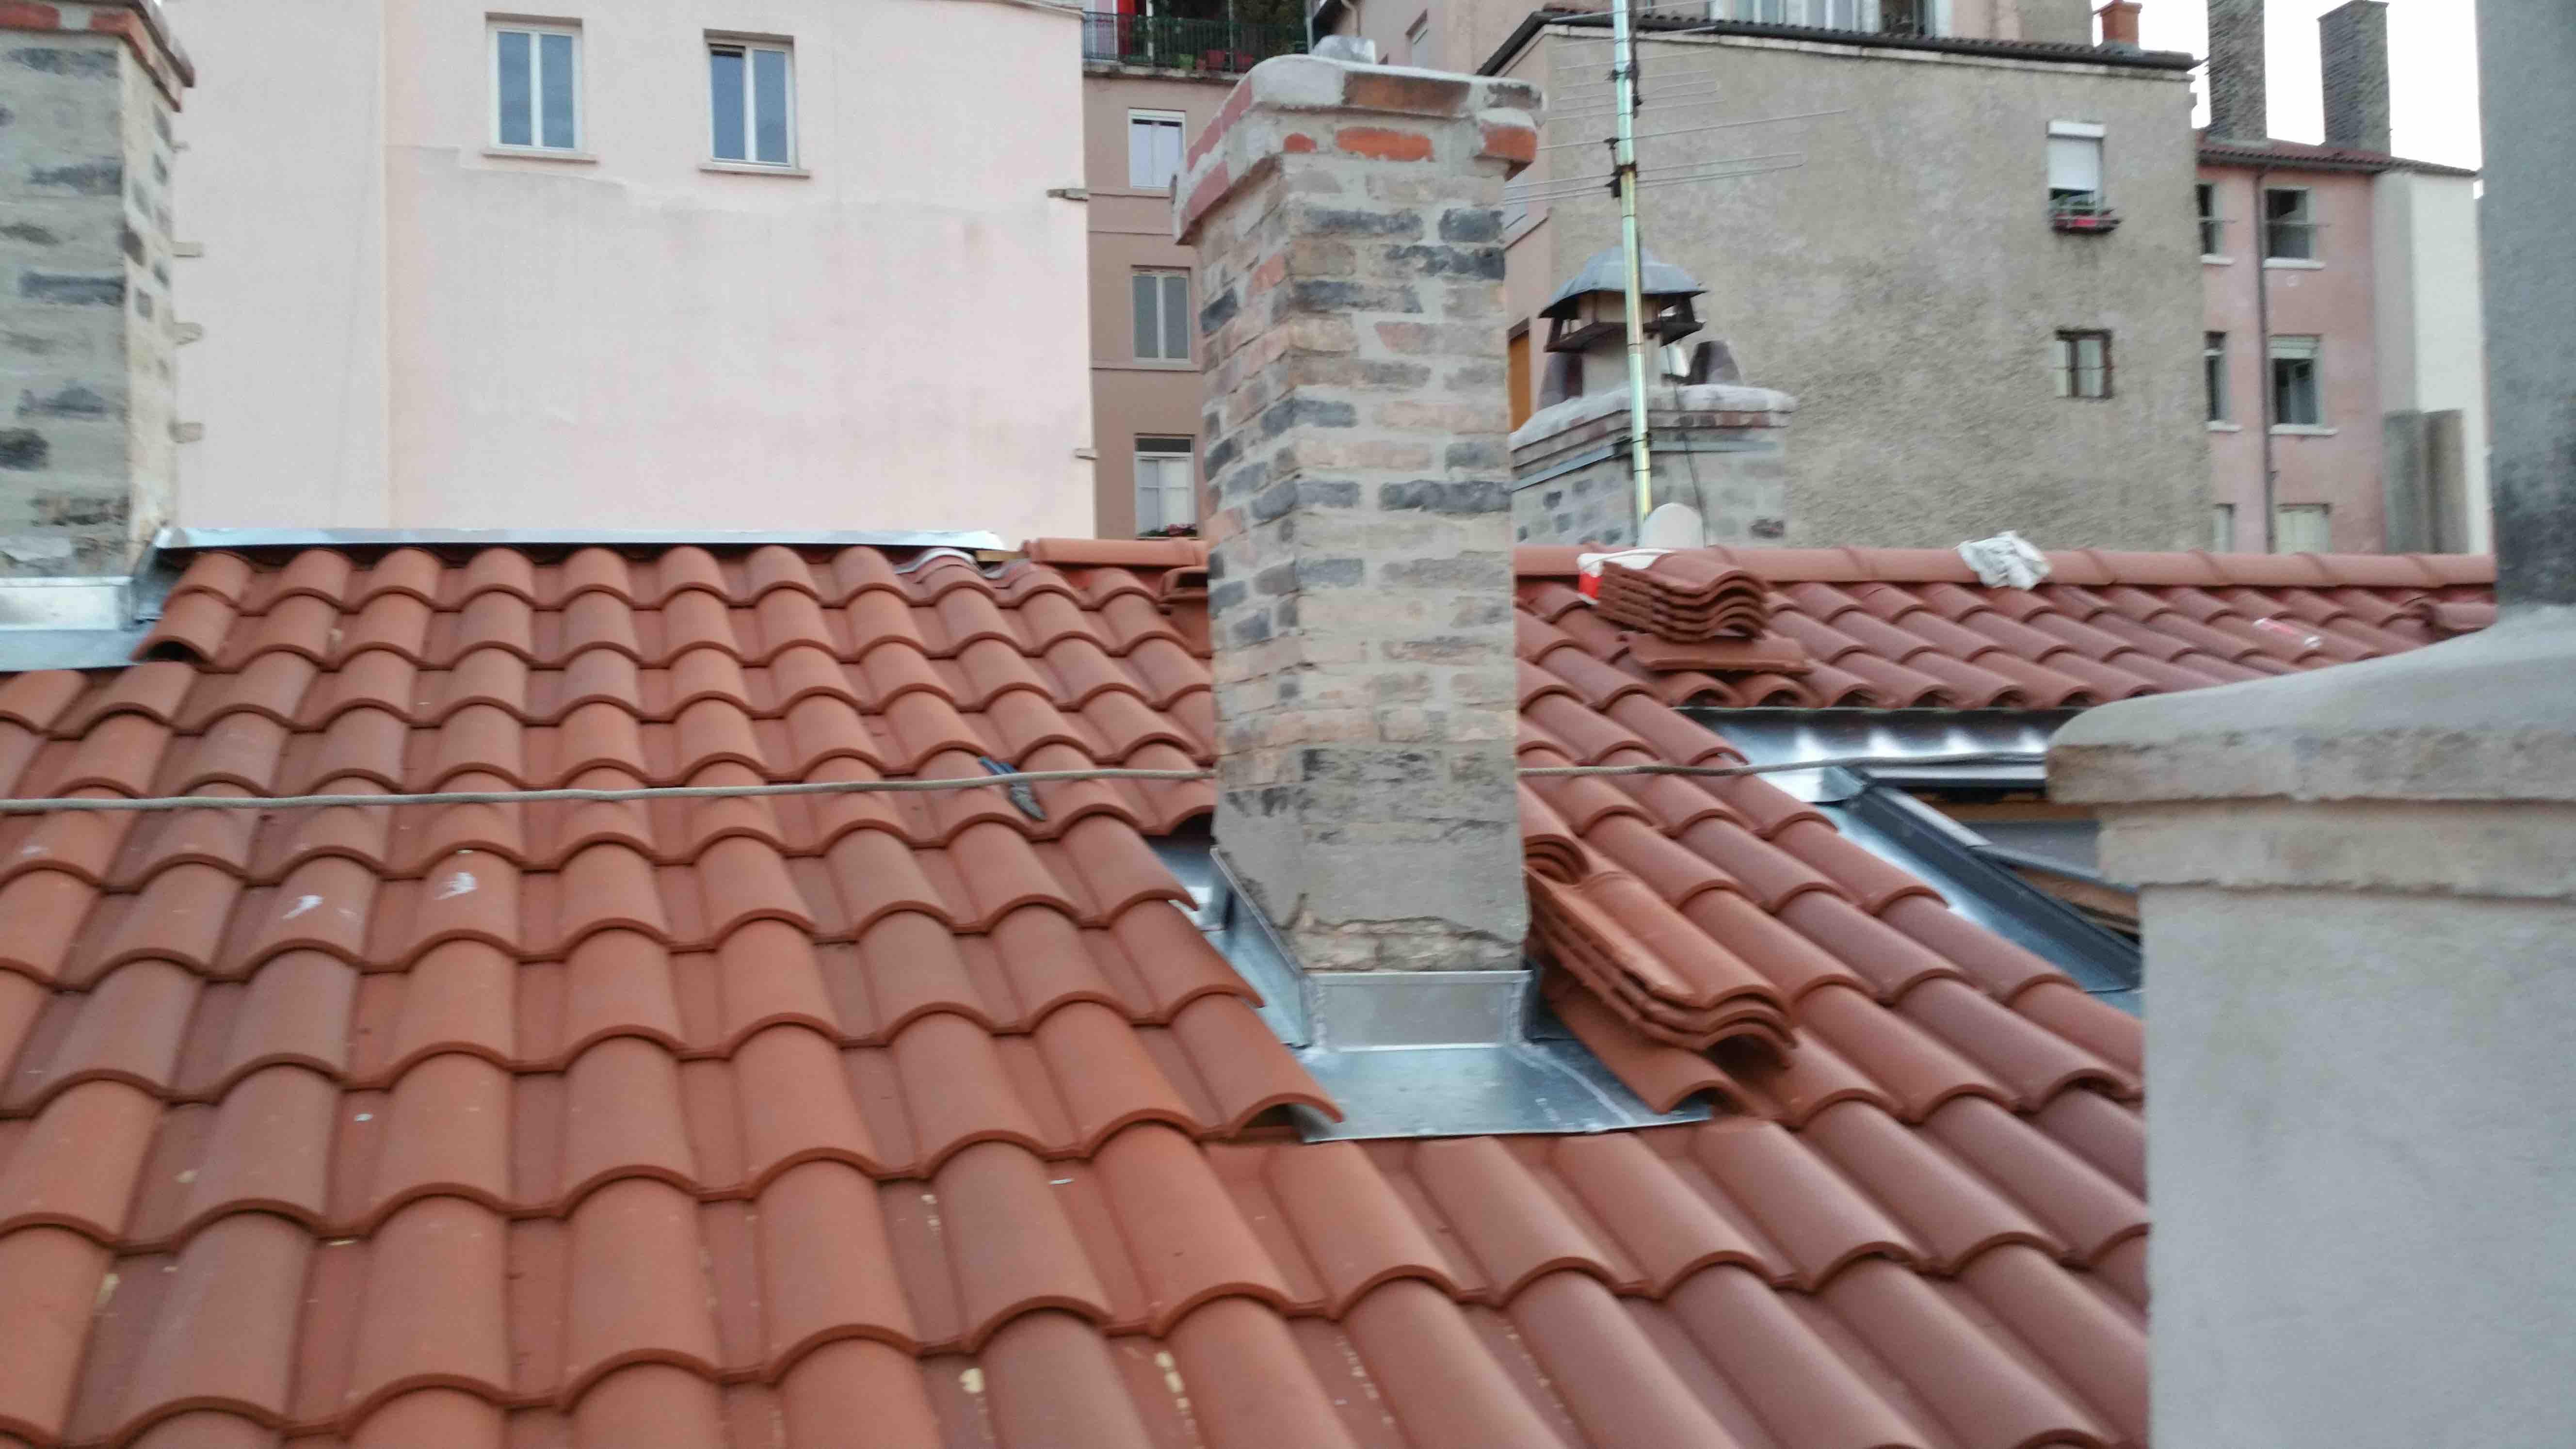 Toiture lyon votre sp cialiste de la toiture charpentes desamiantage couve - Cout desamiantage toiture ...